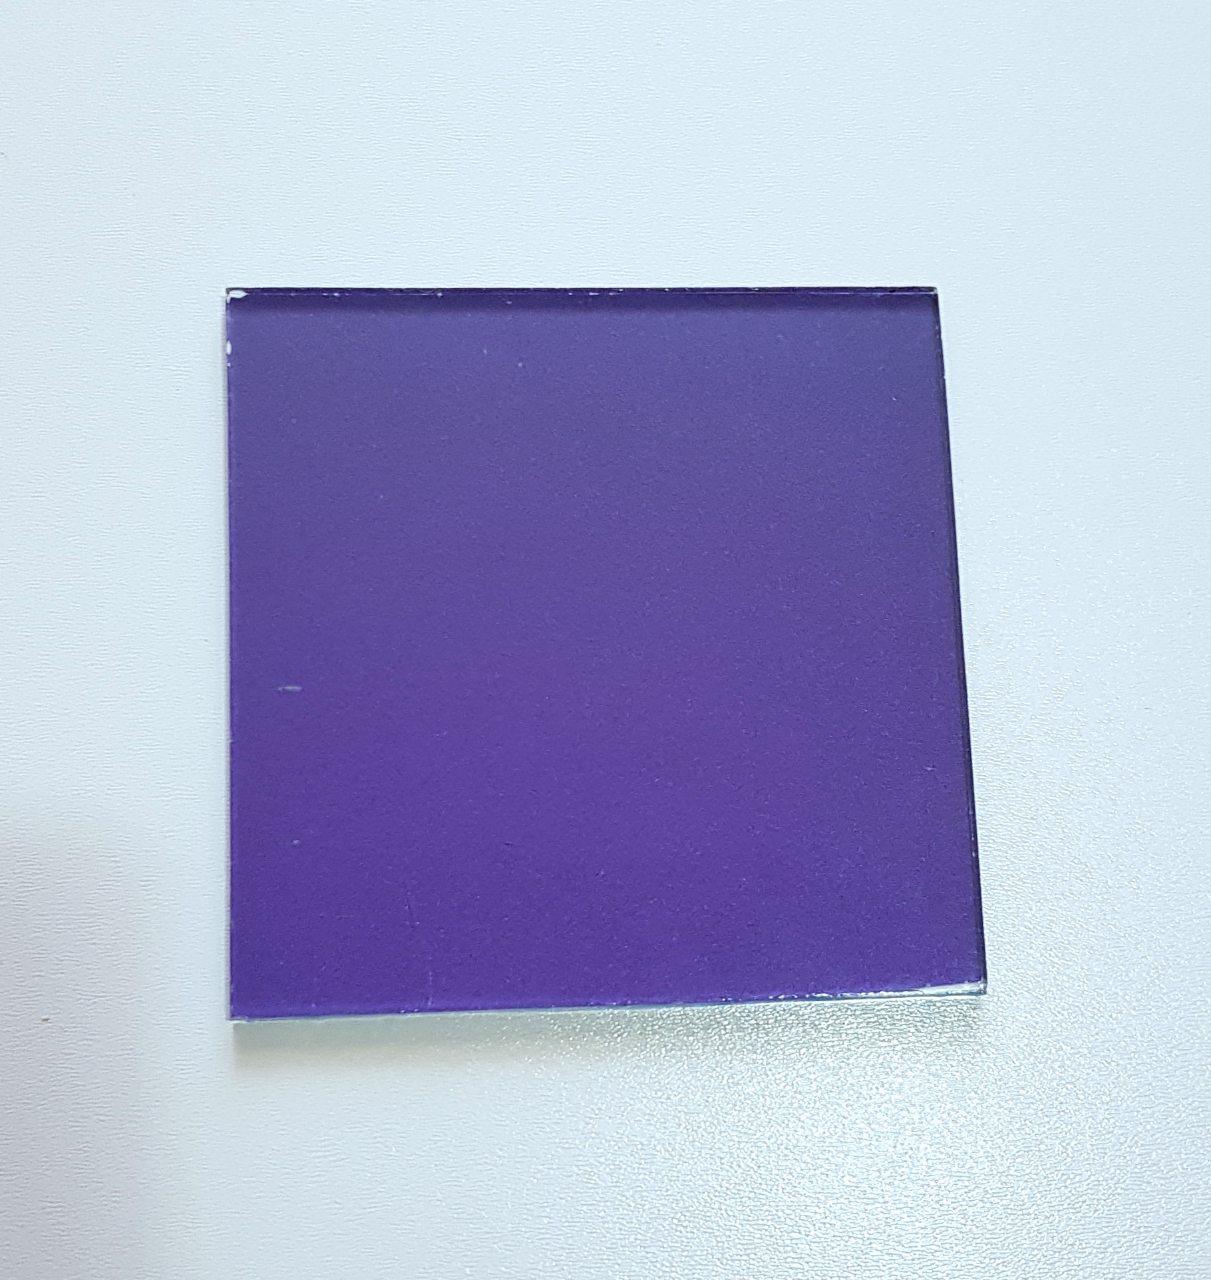 Стекло RAL Металлик фиолетовый 4011